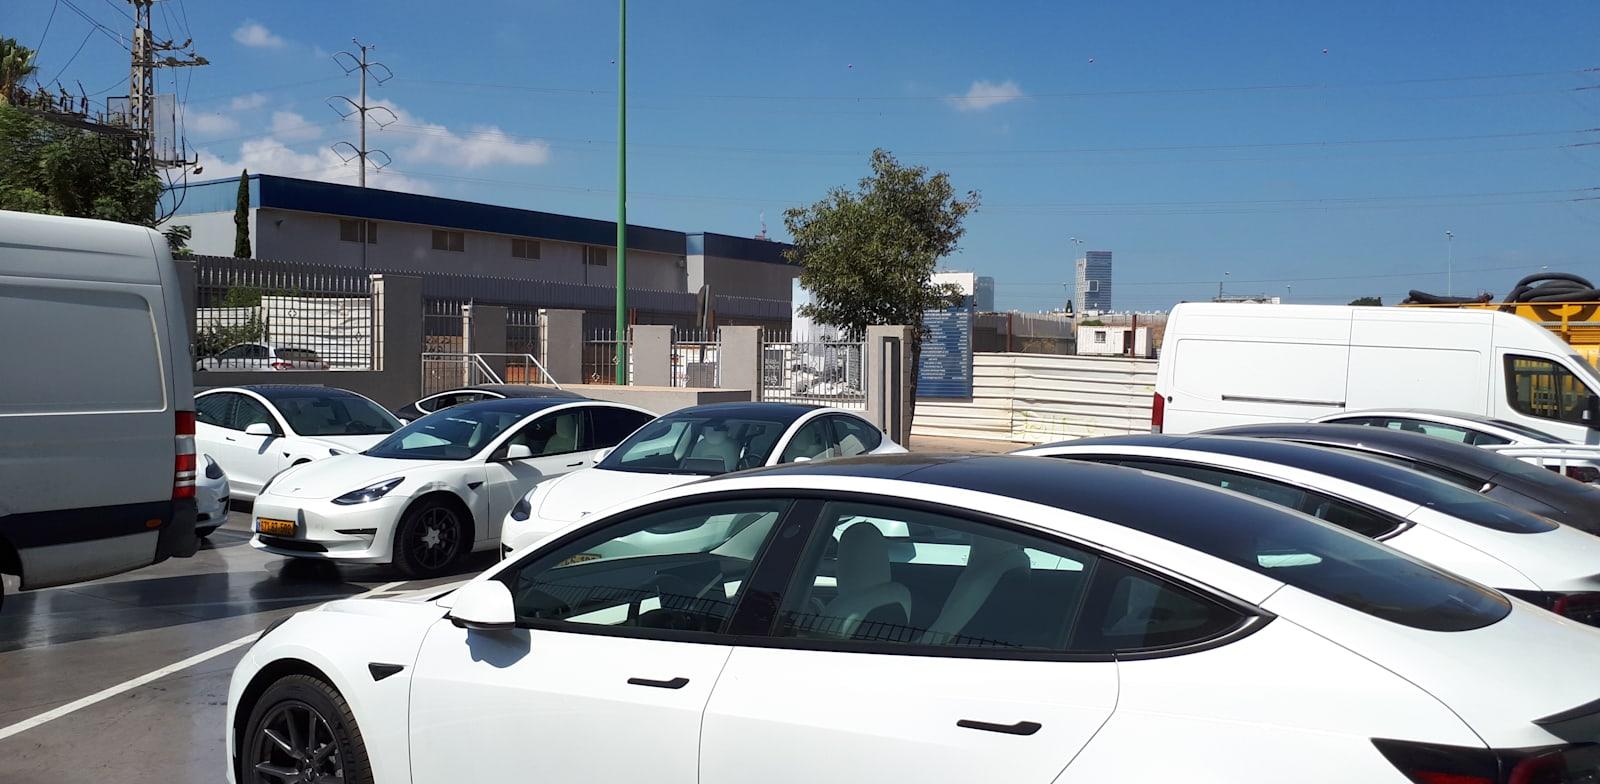 Tesla cars in Petah Tikva Photo: Bar-El